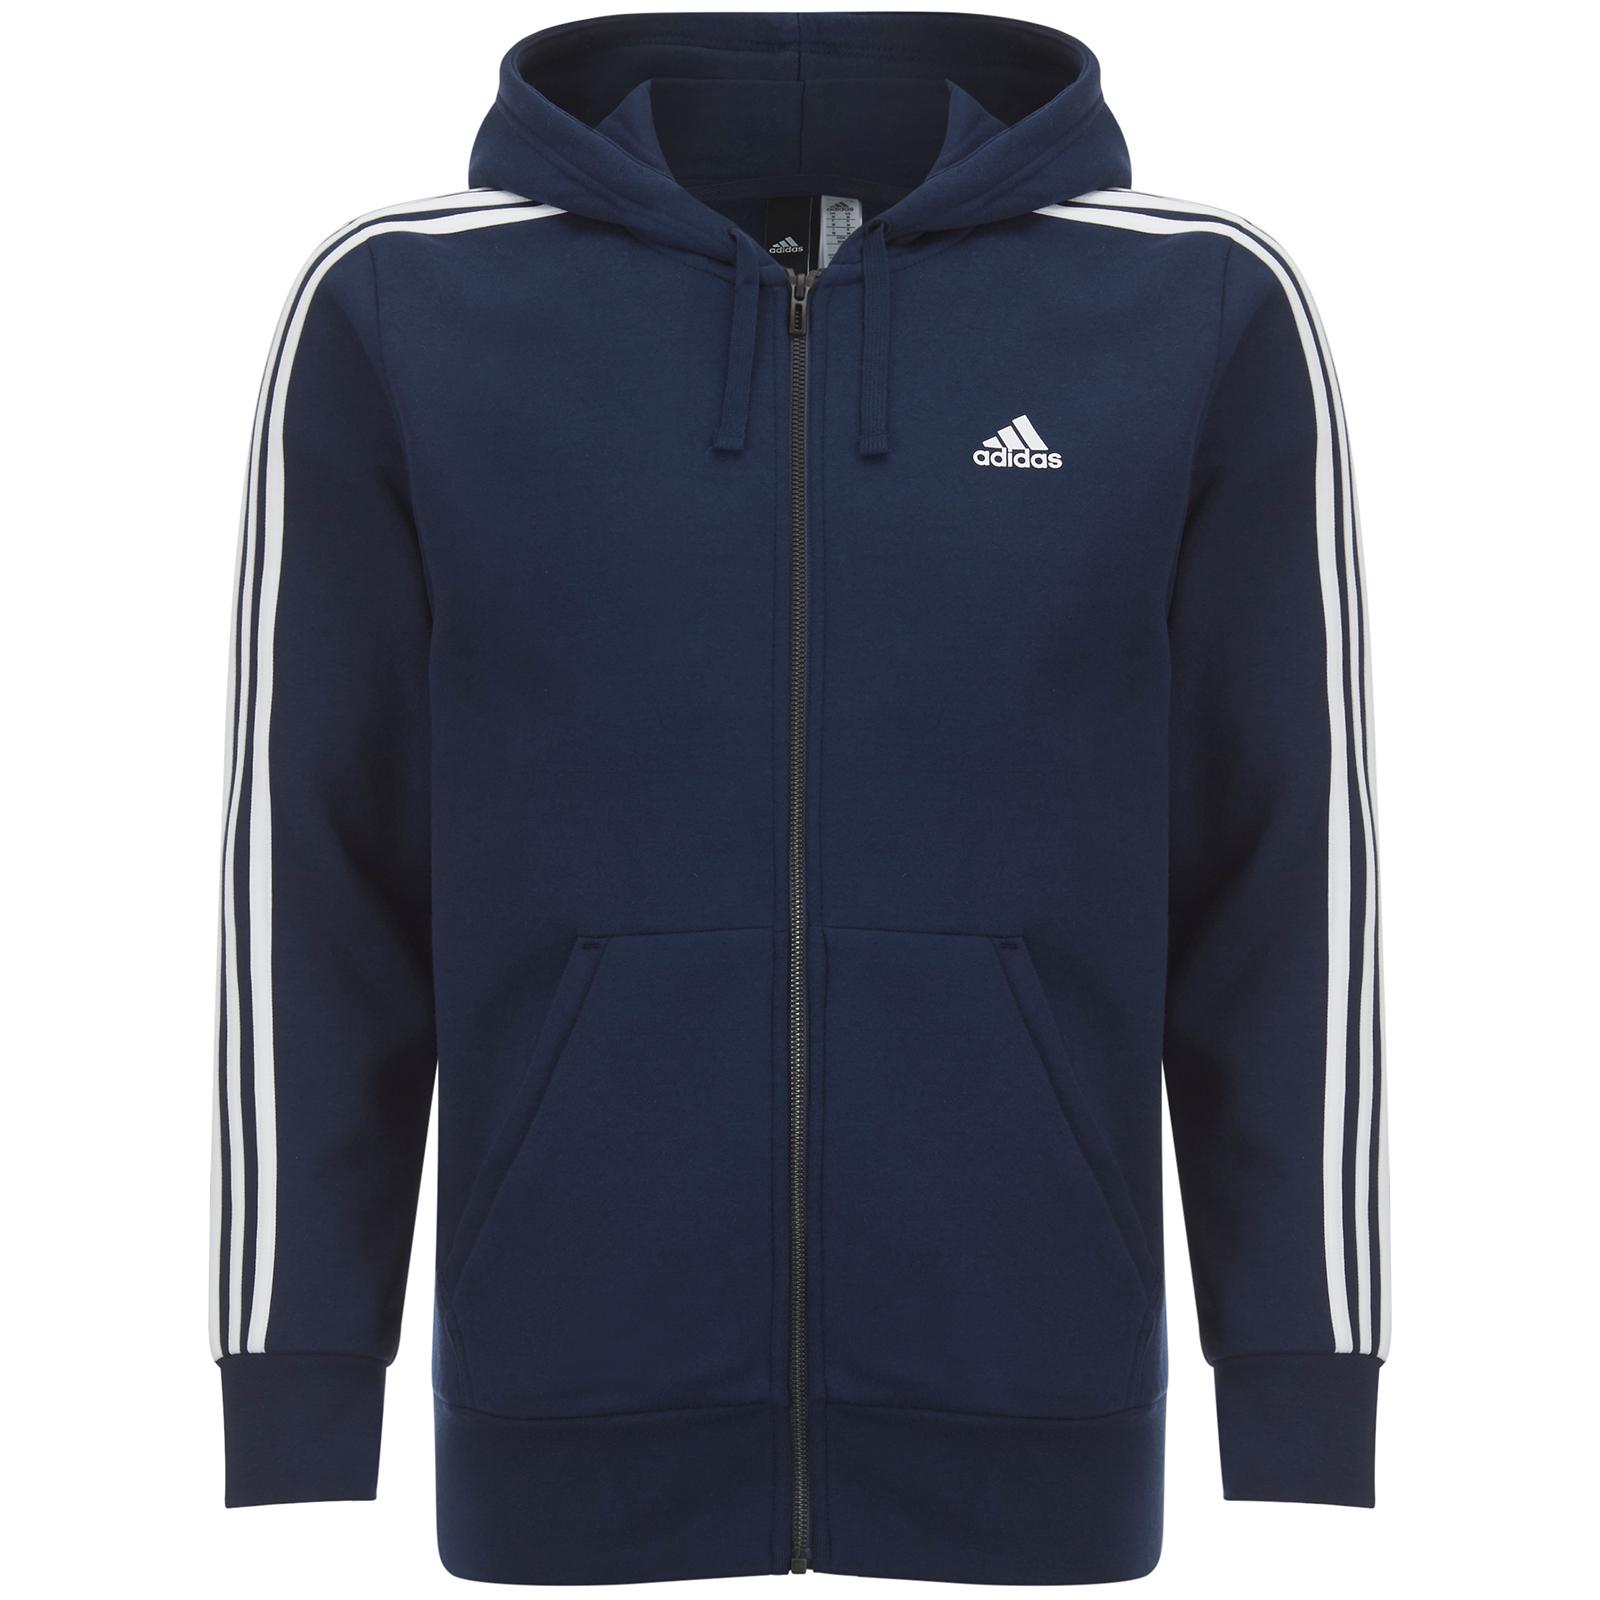 adidas Men's Essential 3 Stripe Fleece Hoody Navy